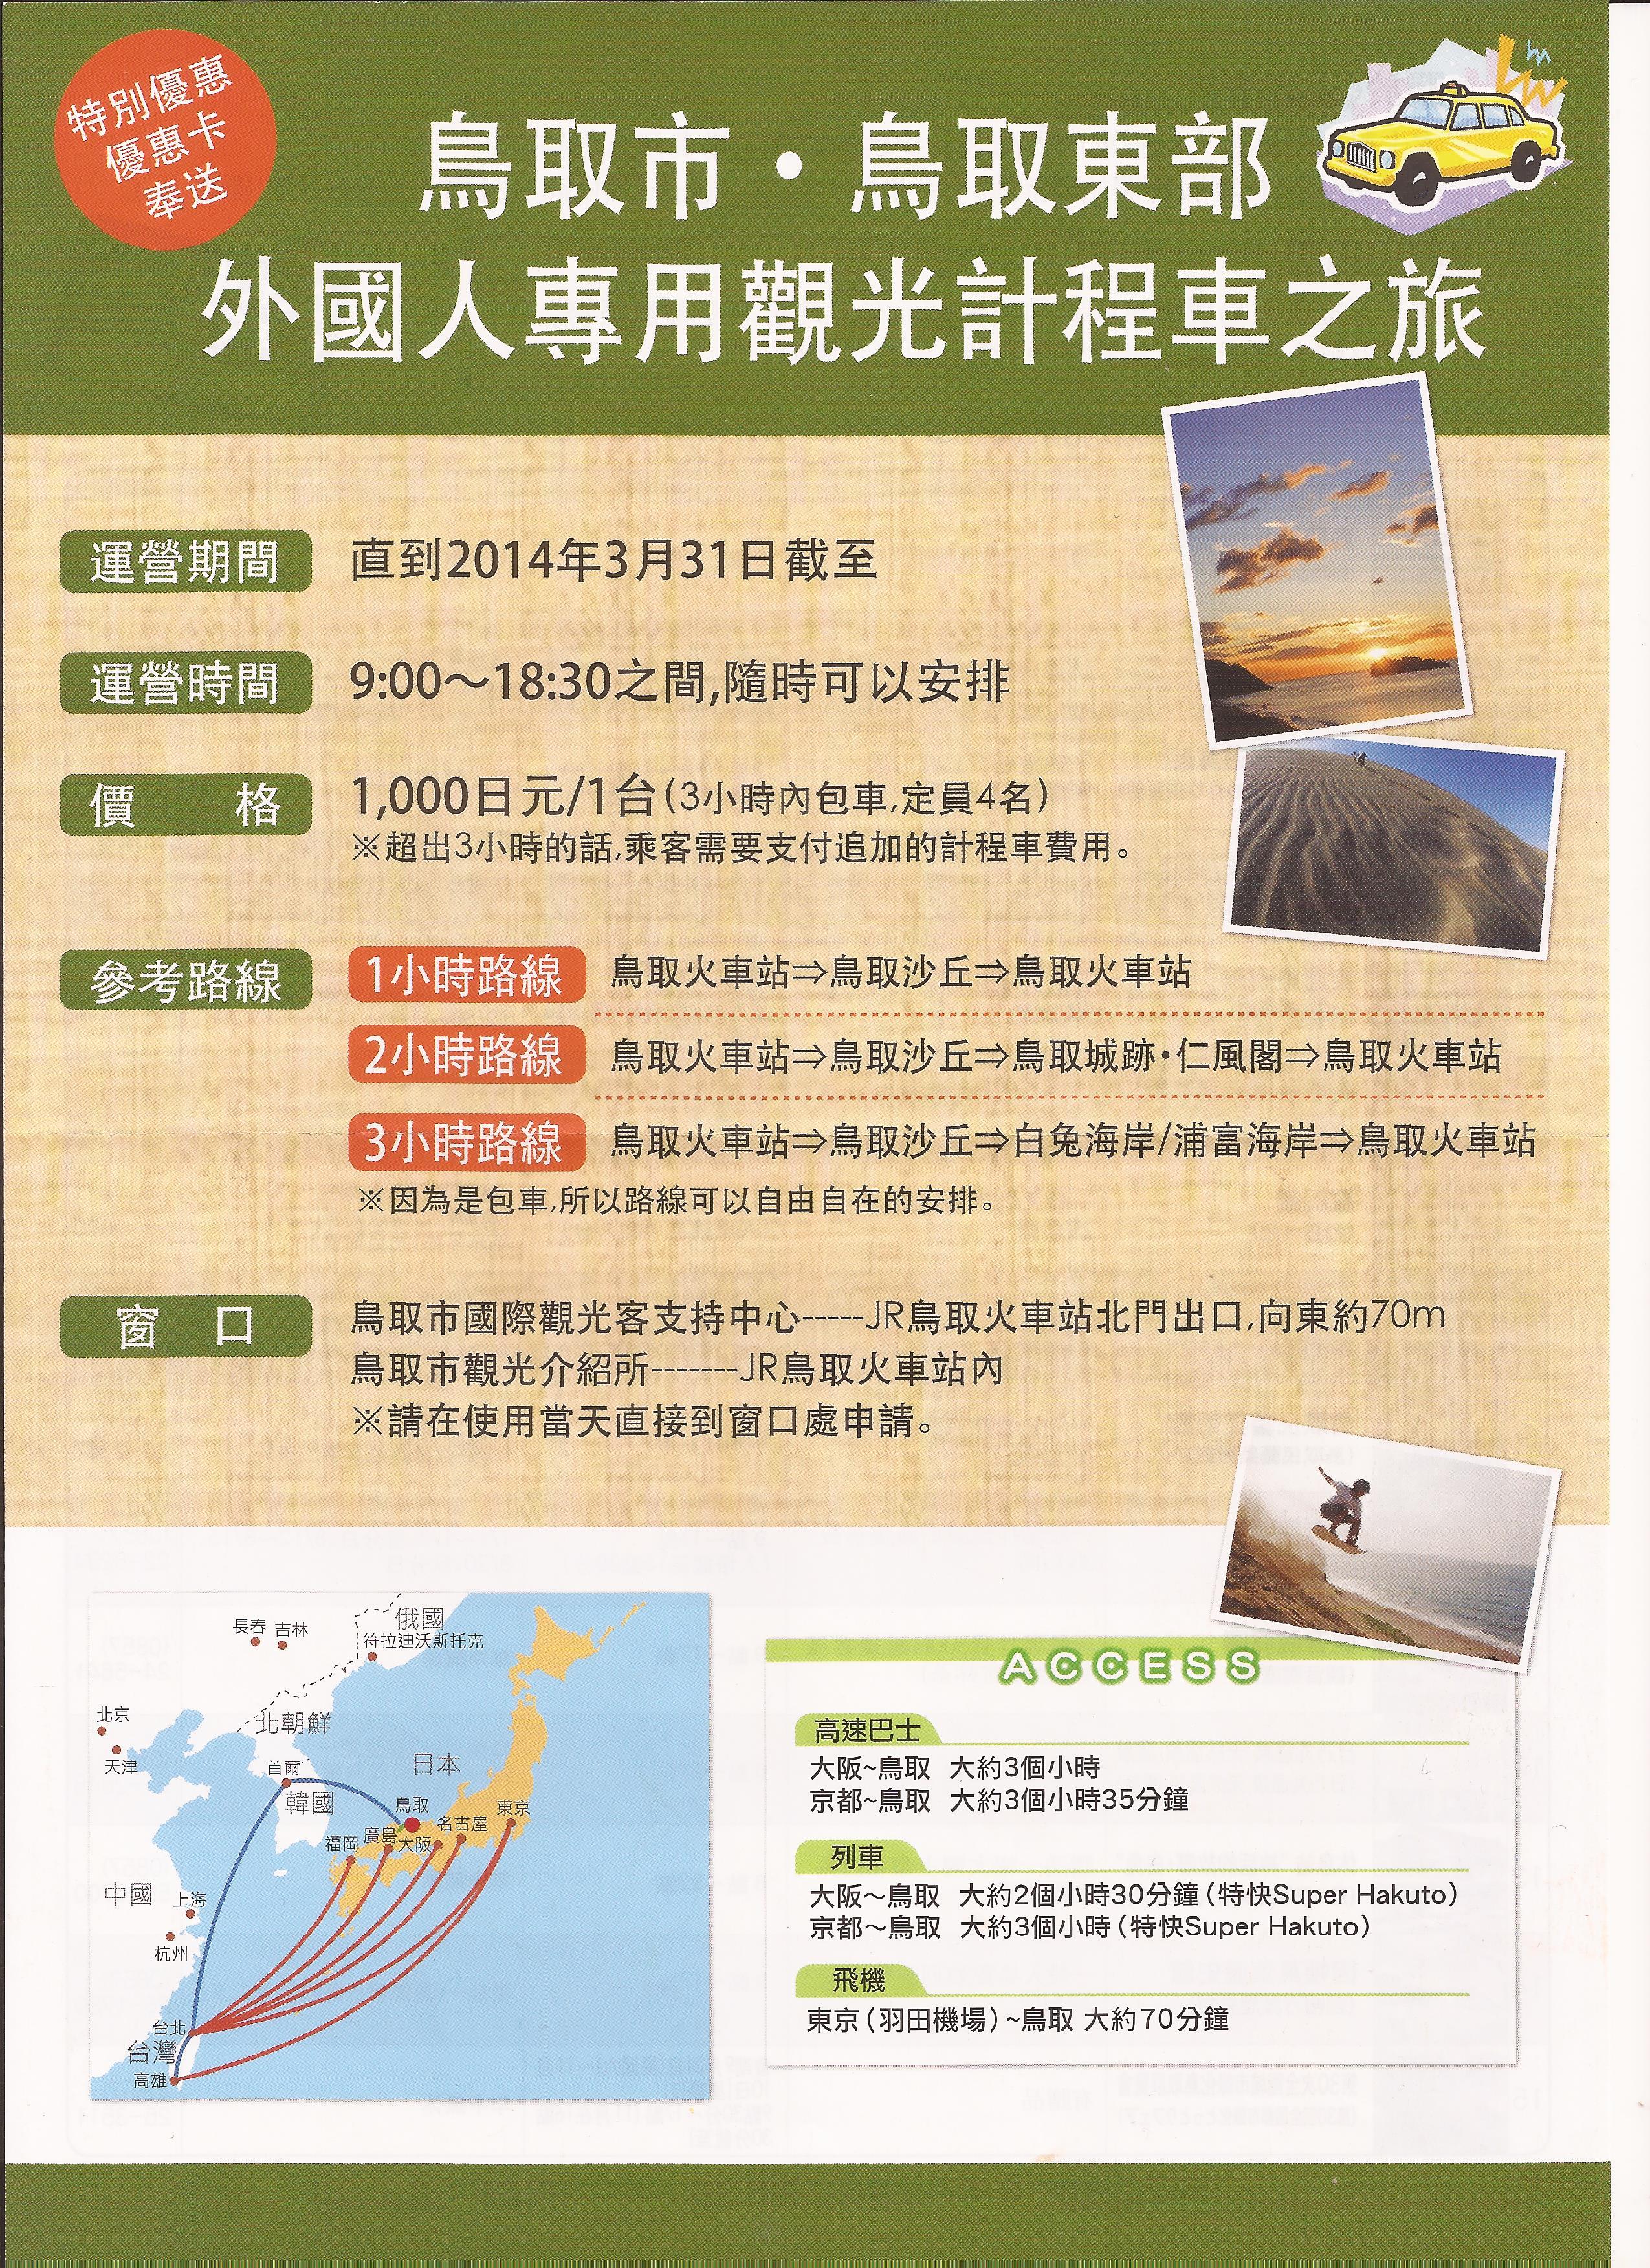 鳥取觀光計程車.jpg